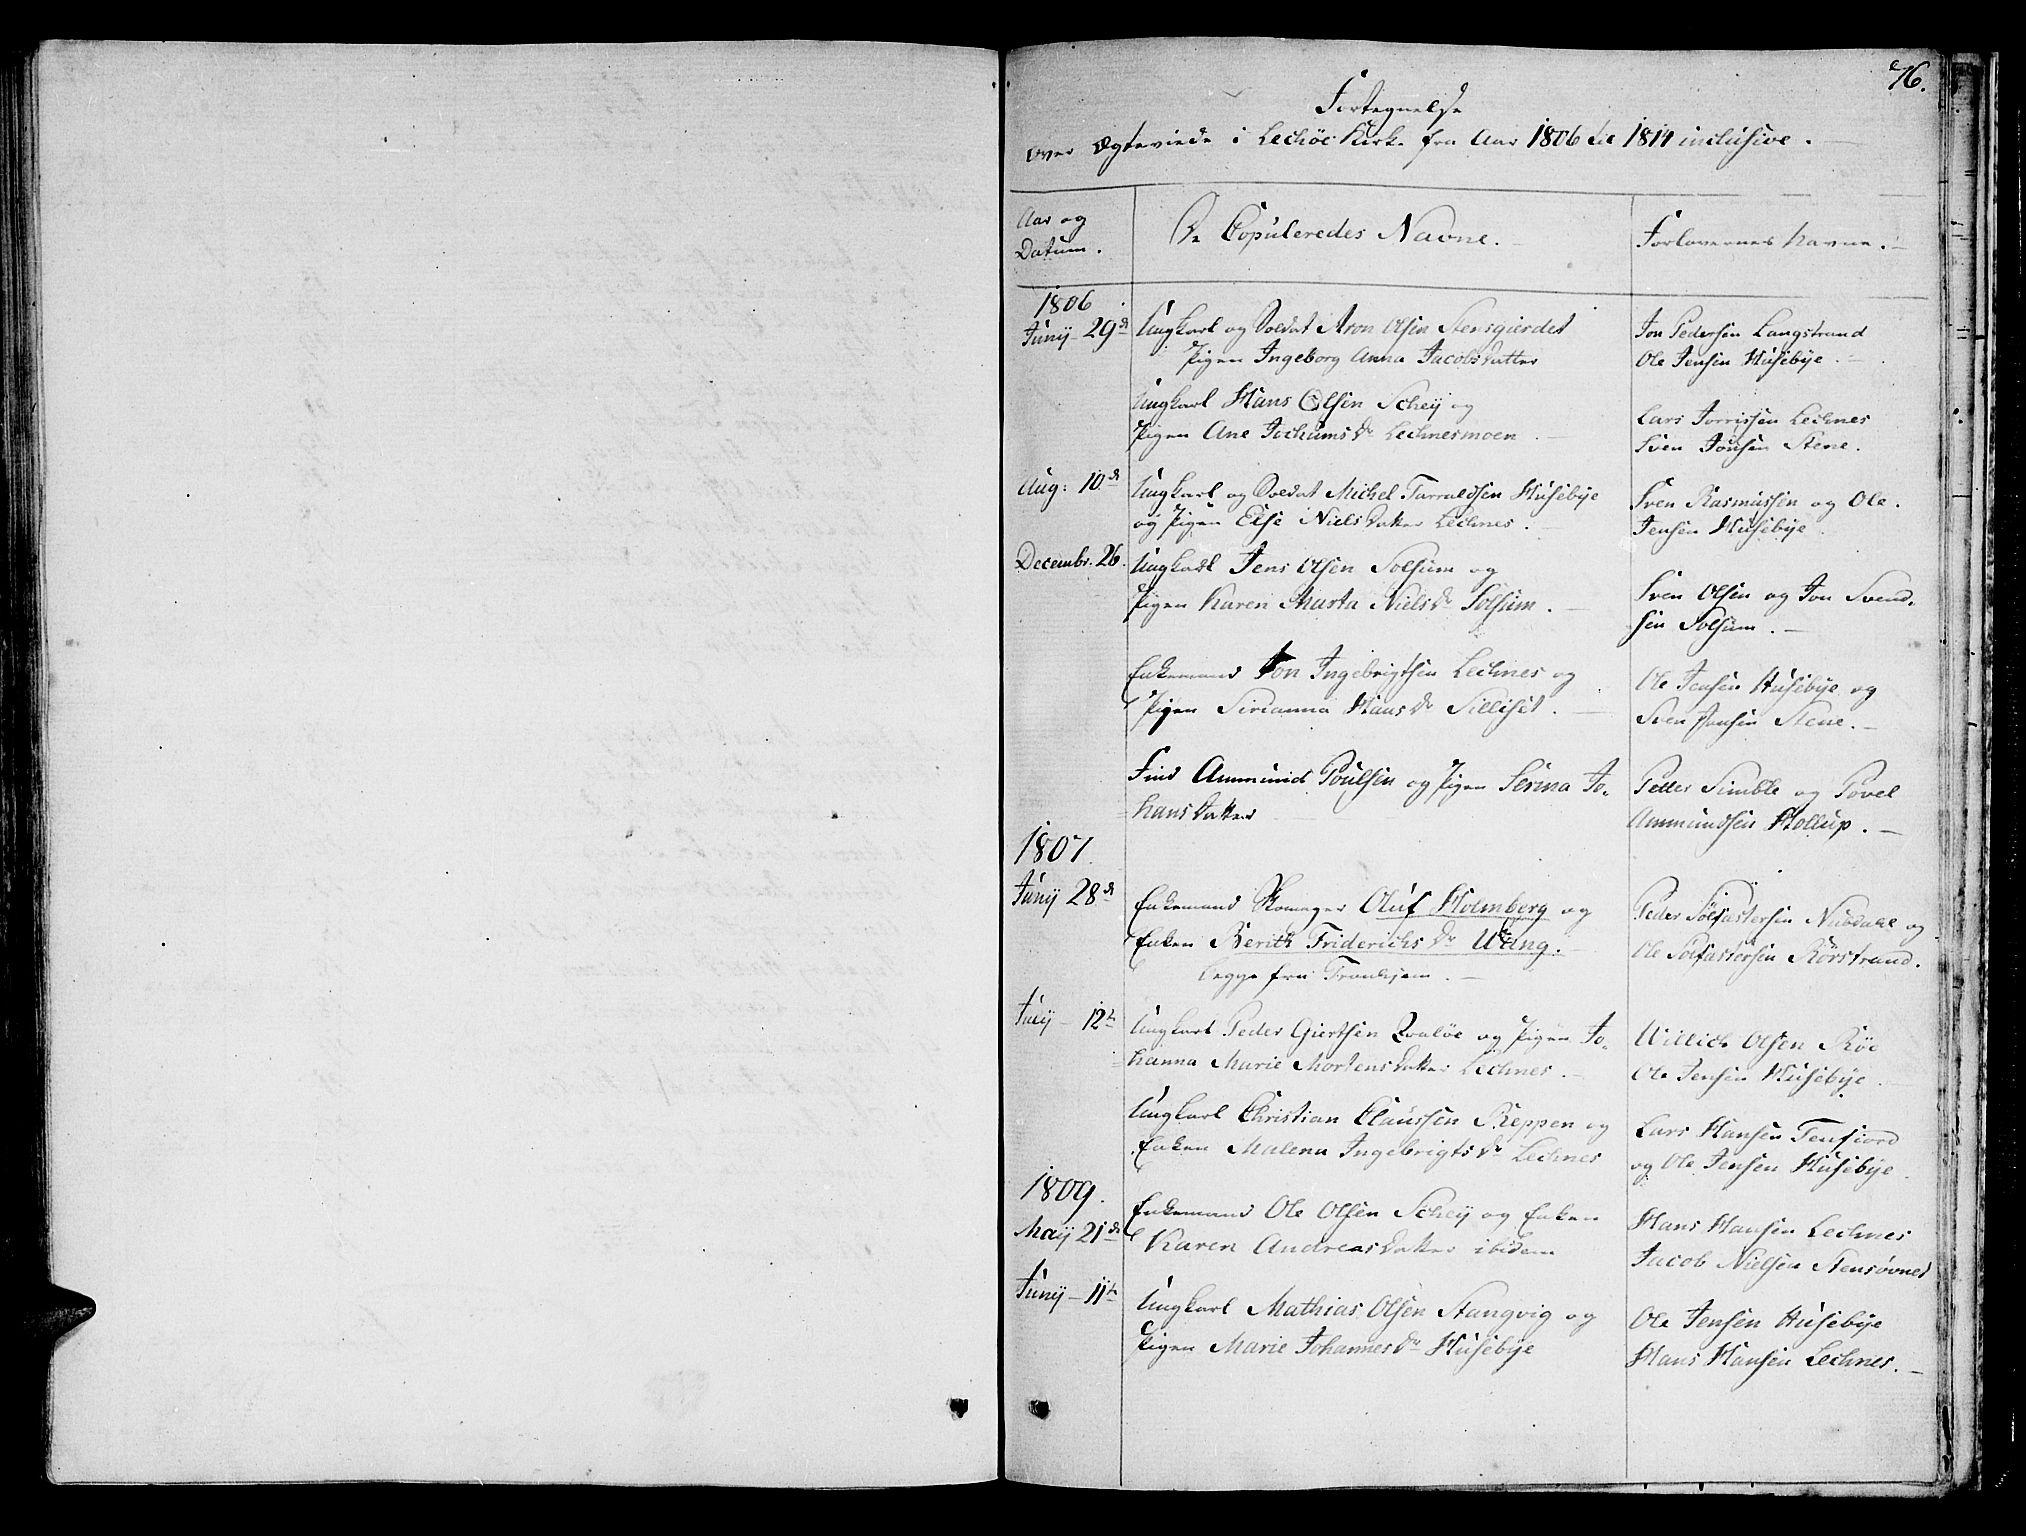 SAT, Ministerialprotokoller, klokkerbøker og fødselsregistre - Nord-Trøndelag, 780/L0633: Ministerialbok nr. 780A02 /2, 1806-1814, s. 76